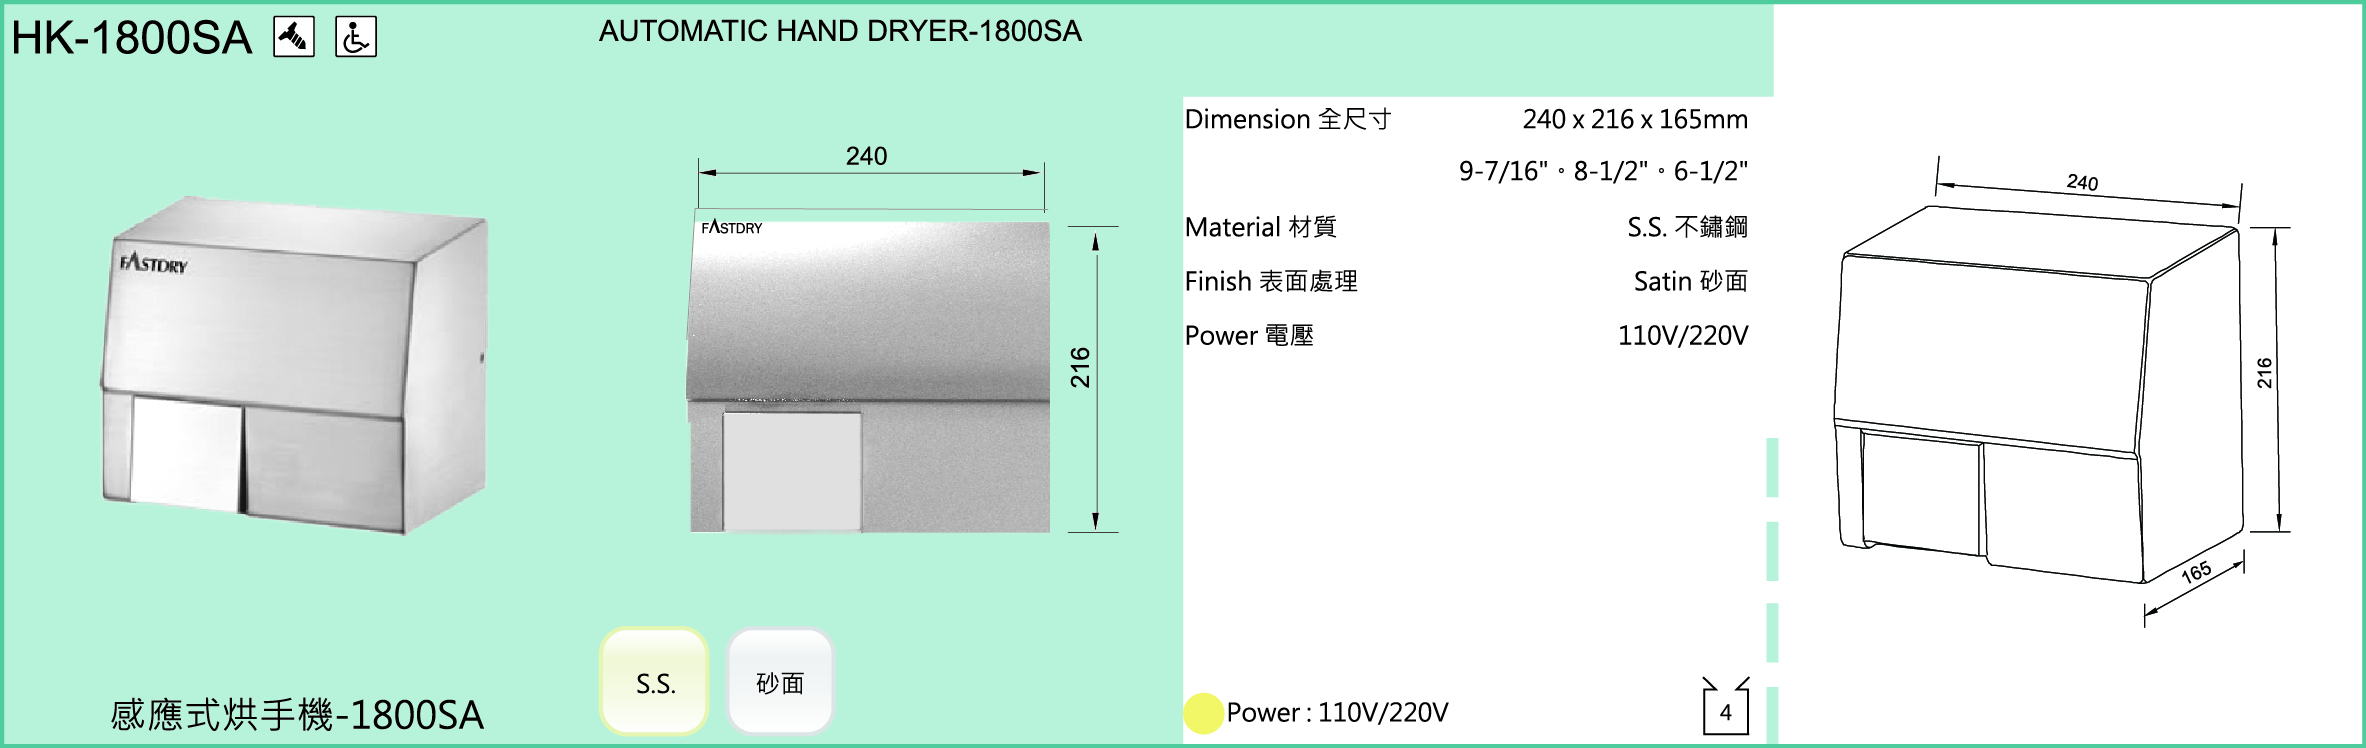 HK-1800SA.jpg